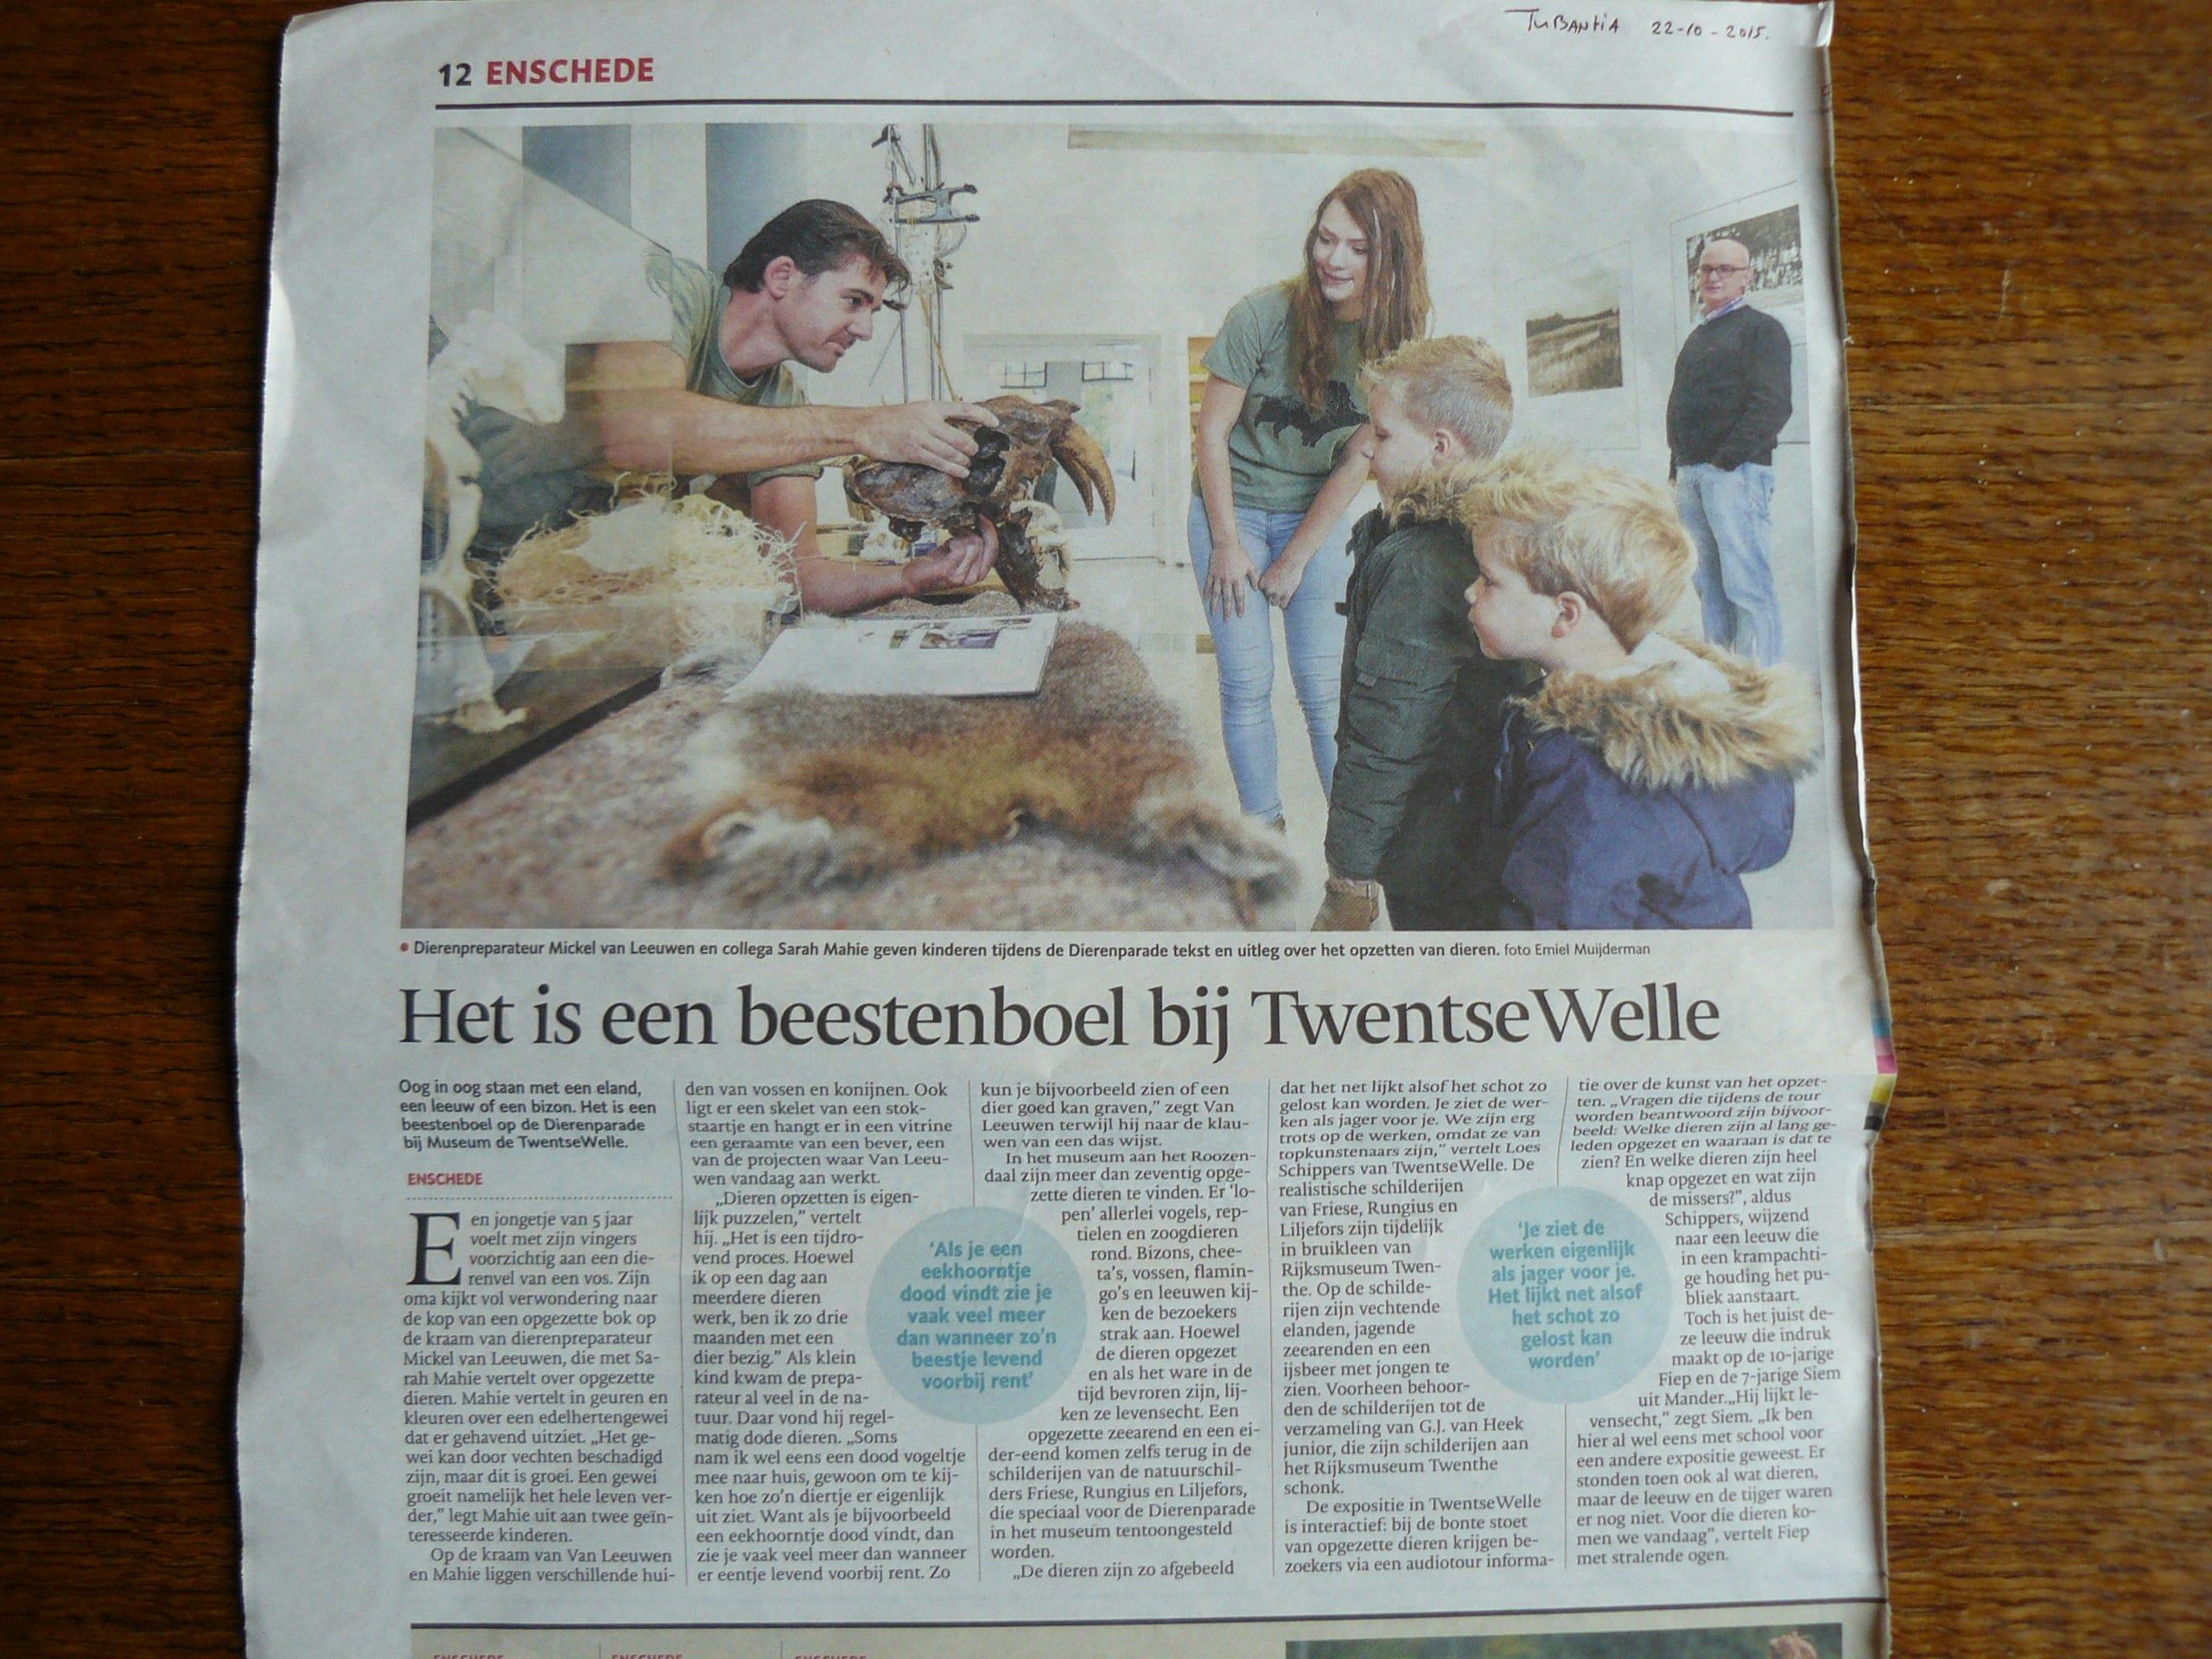 Twentse Welle (NL)